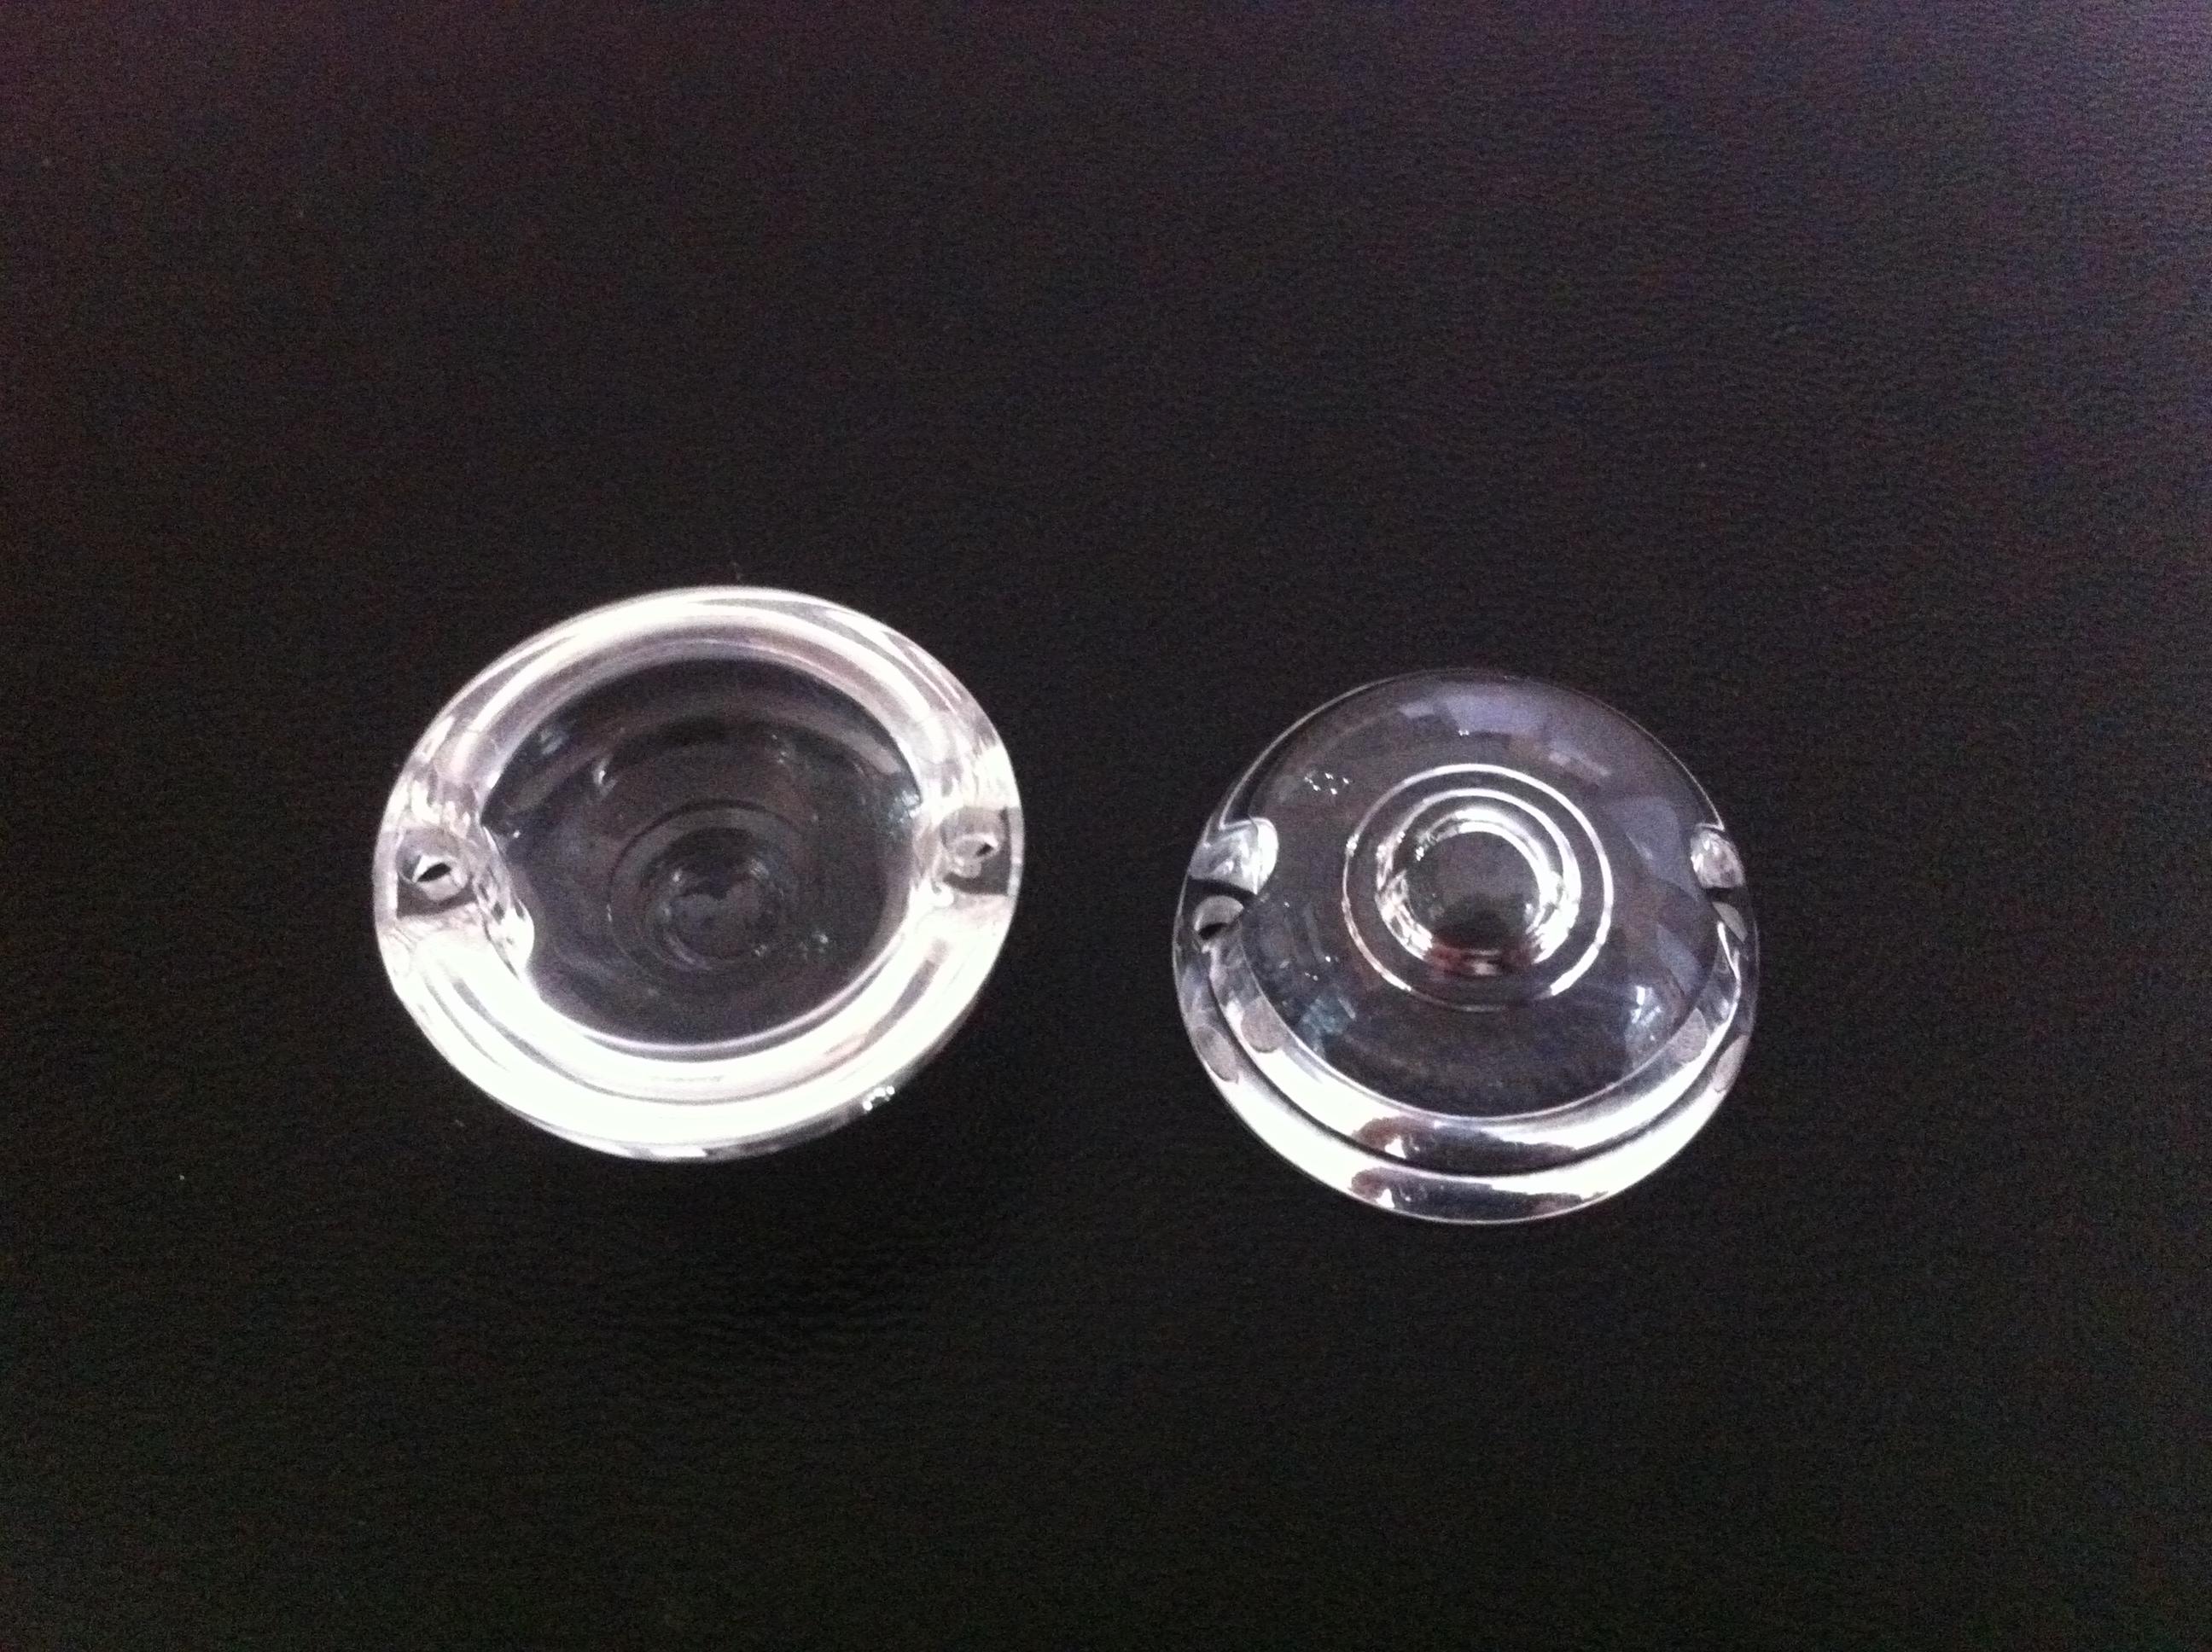 产品标题:led光学透镜,xj-25半圆带孔半圆透镜